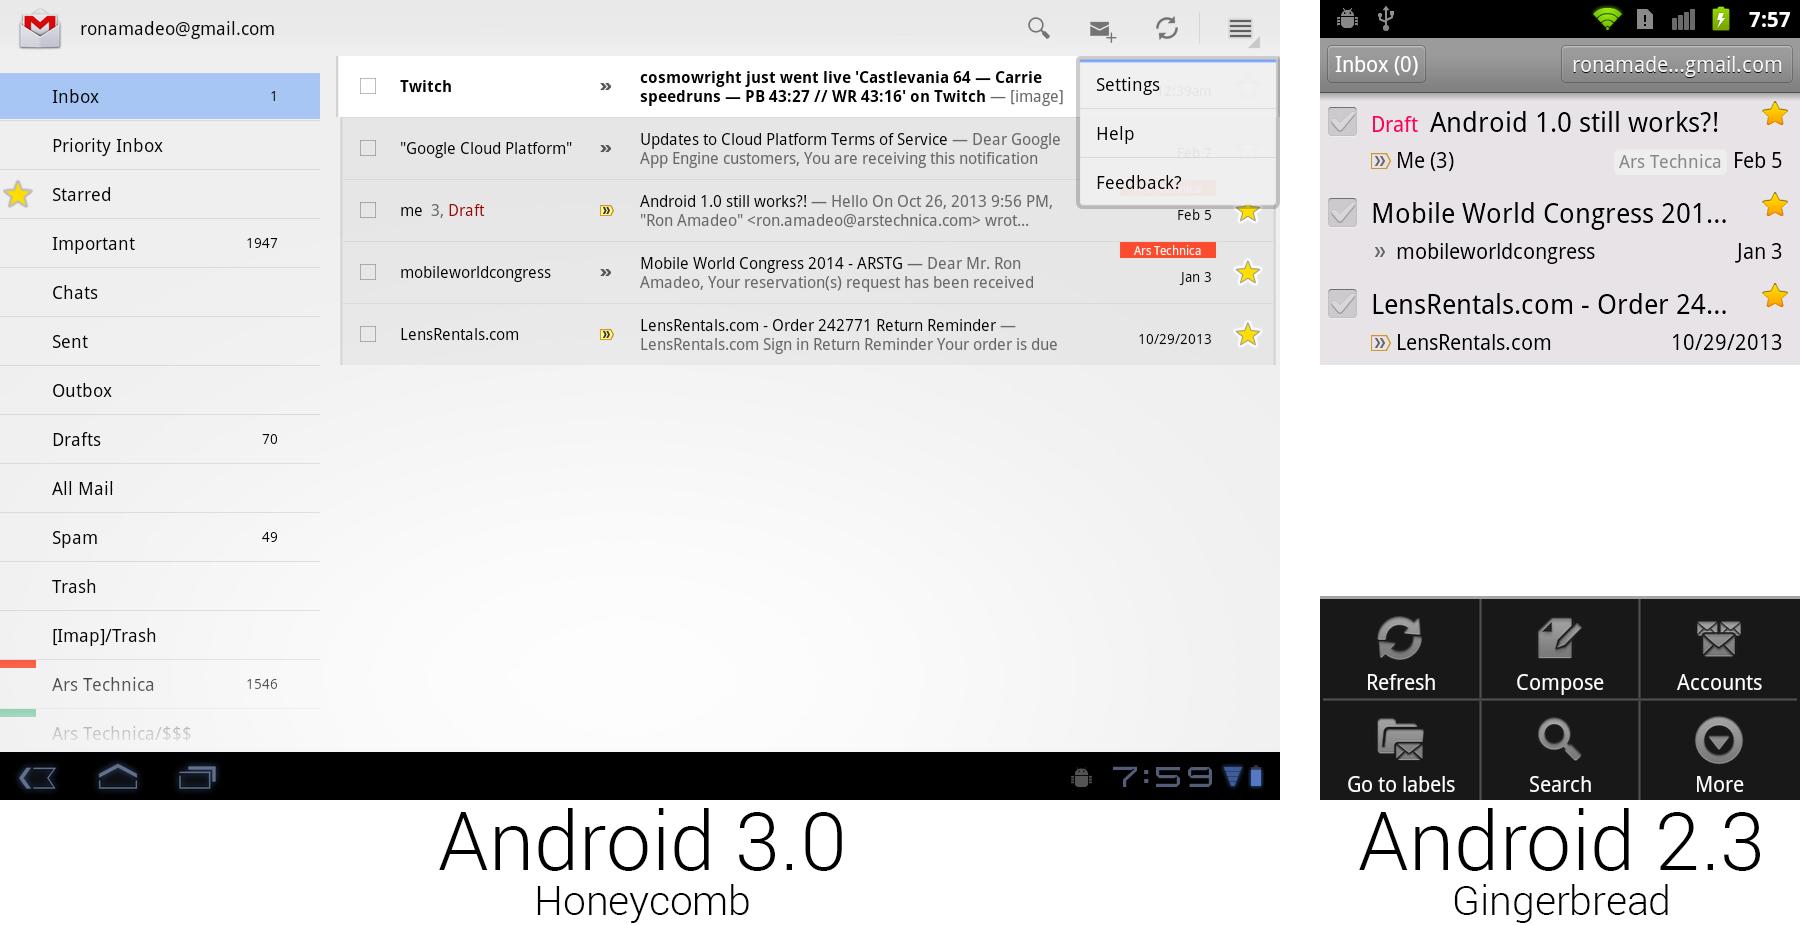 打开菜单的 Gmail 在蜂巢和姜饼上的效果。按钮布置在首屏更容易被发现。